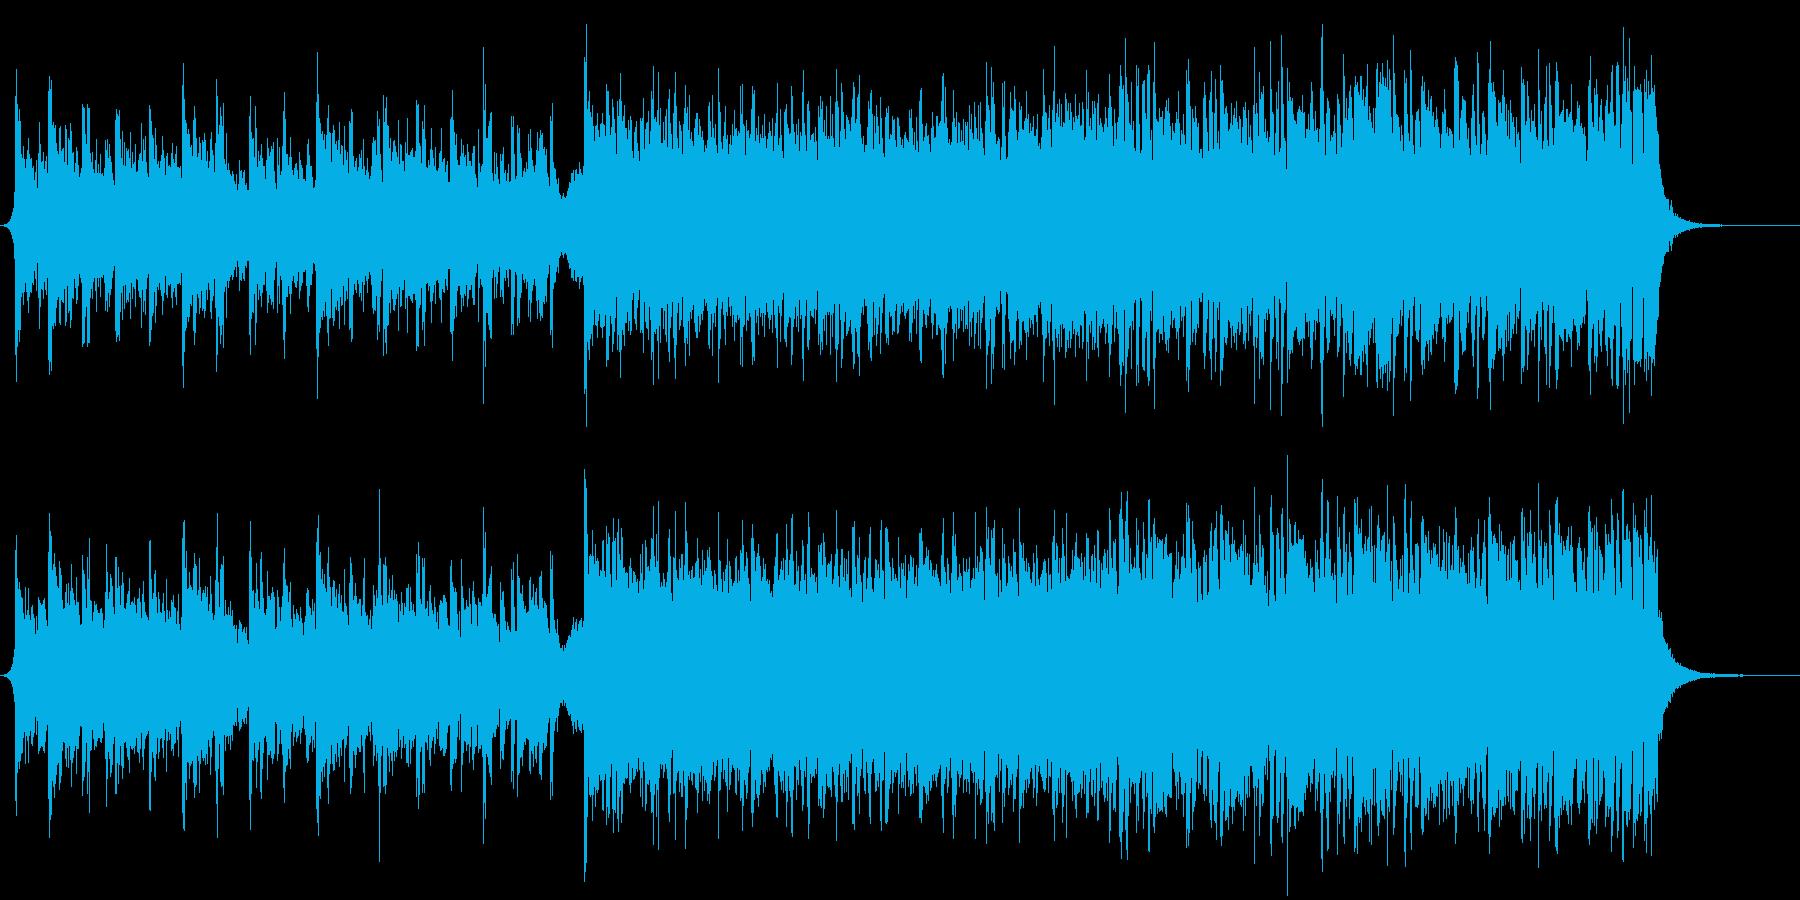 革命を匂わせるepicmusicの再生済みの波形